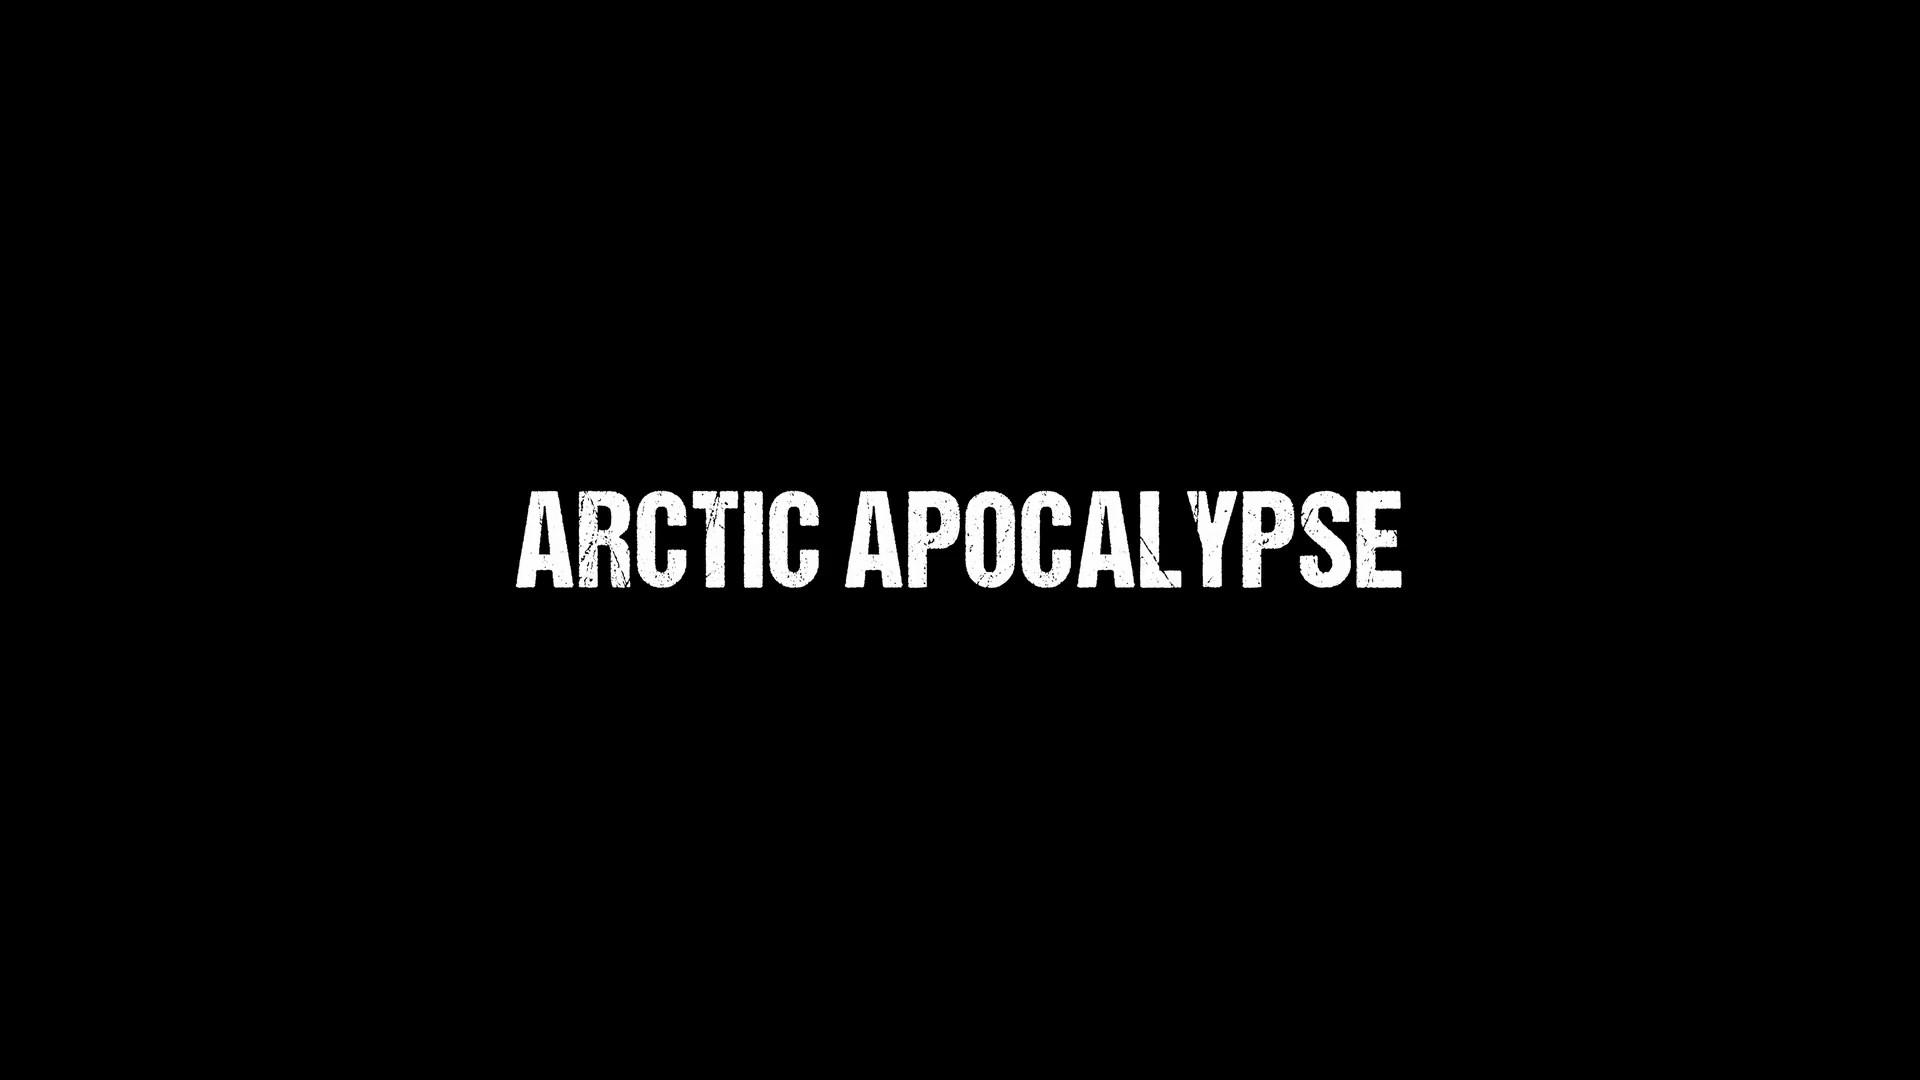 Apocalipsis Ártico (2019) 1080p WEB-DL